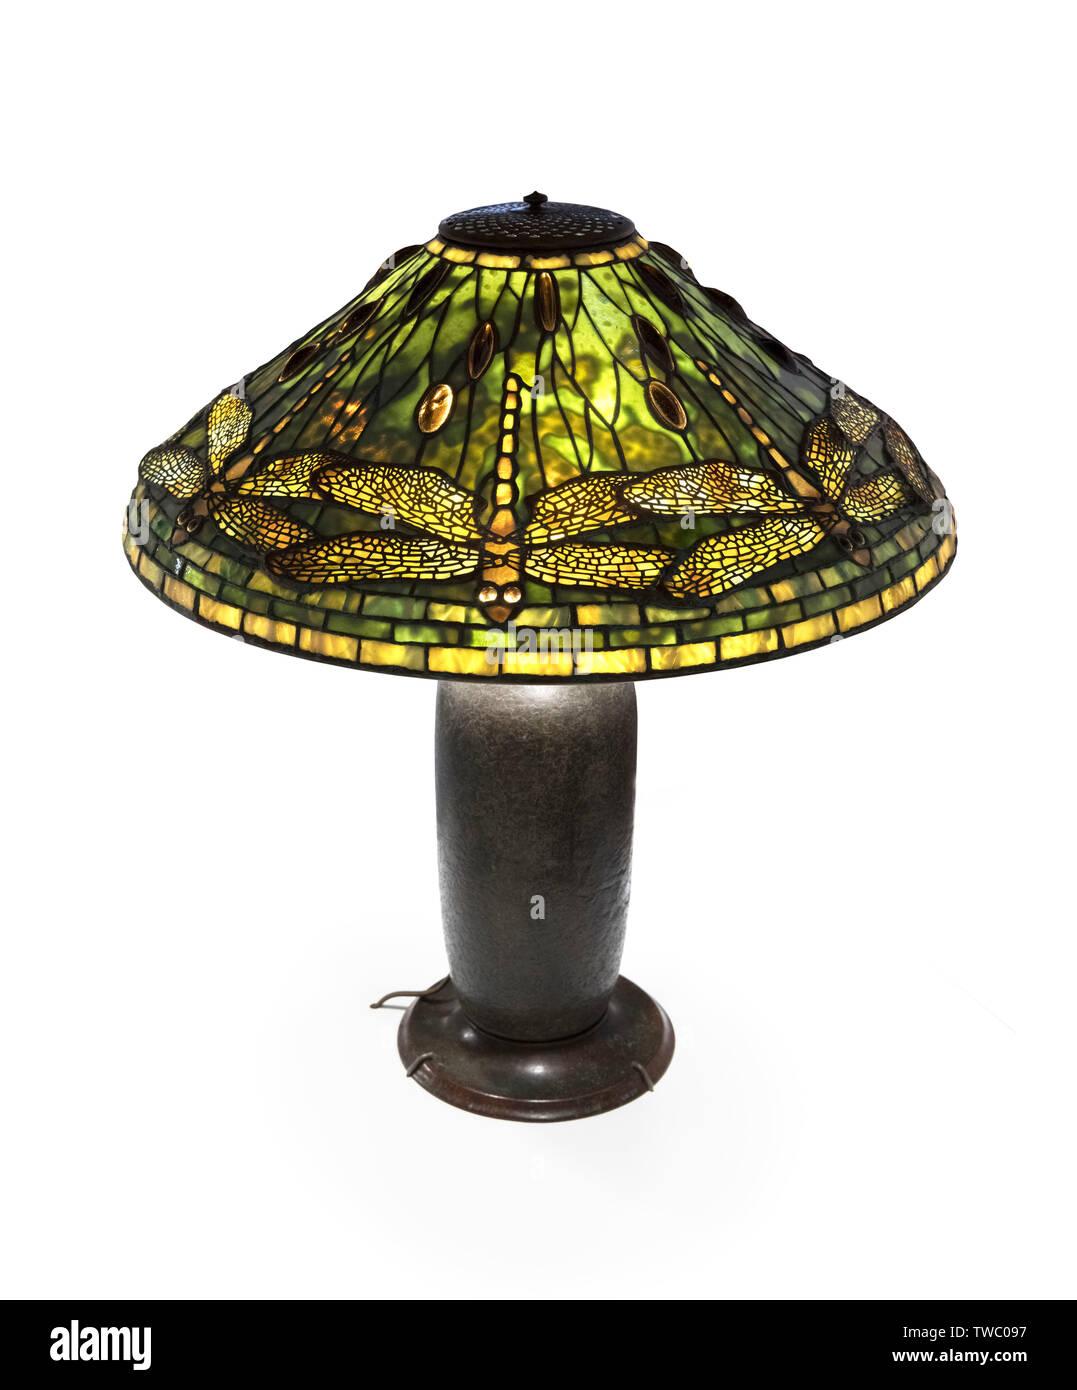 Tiffany Lamp. Dragonfly Table Lamp by Tiffany Studios, c.1904. Stock Photo